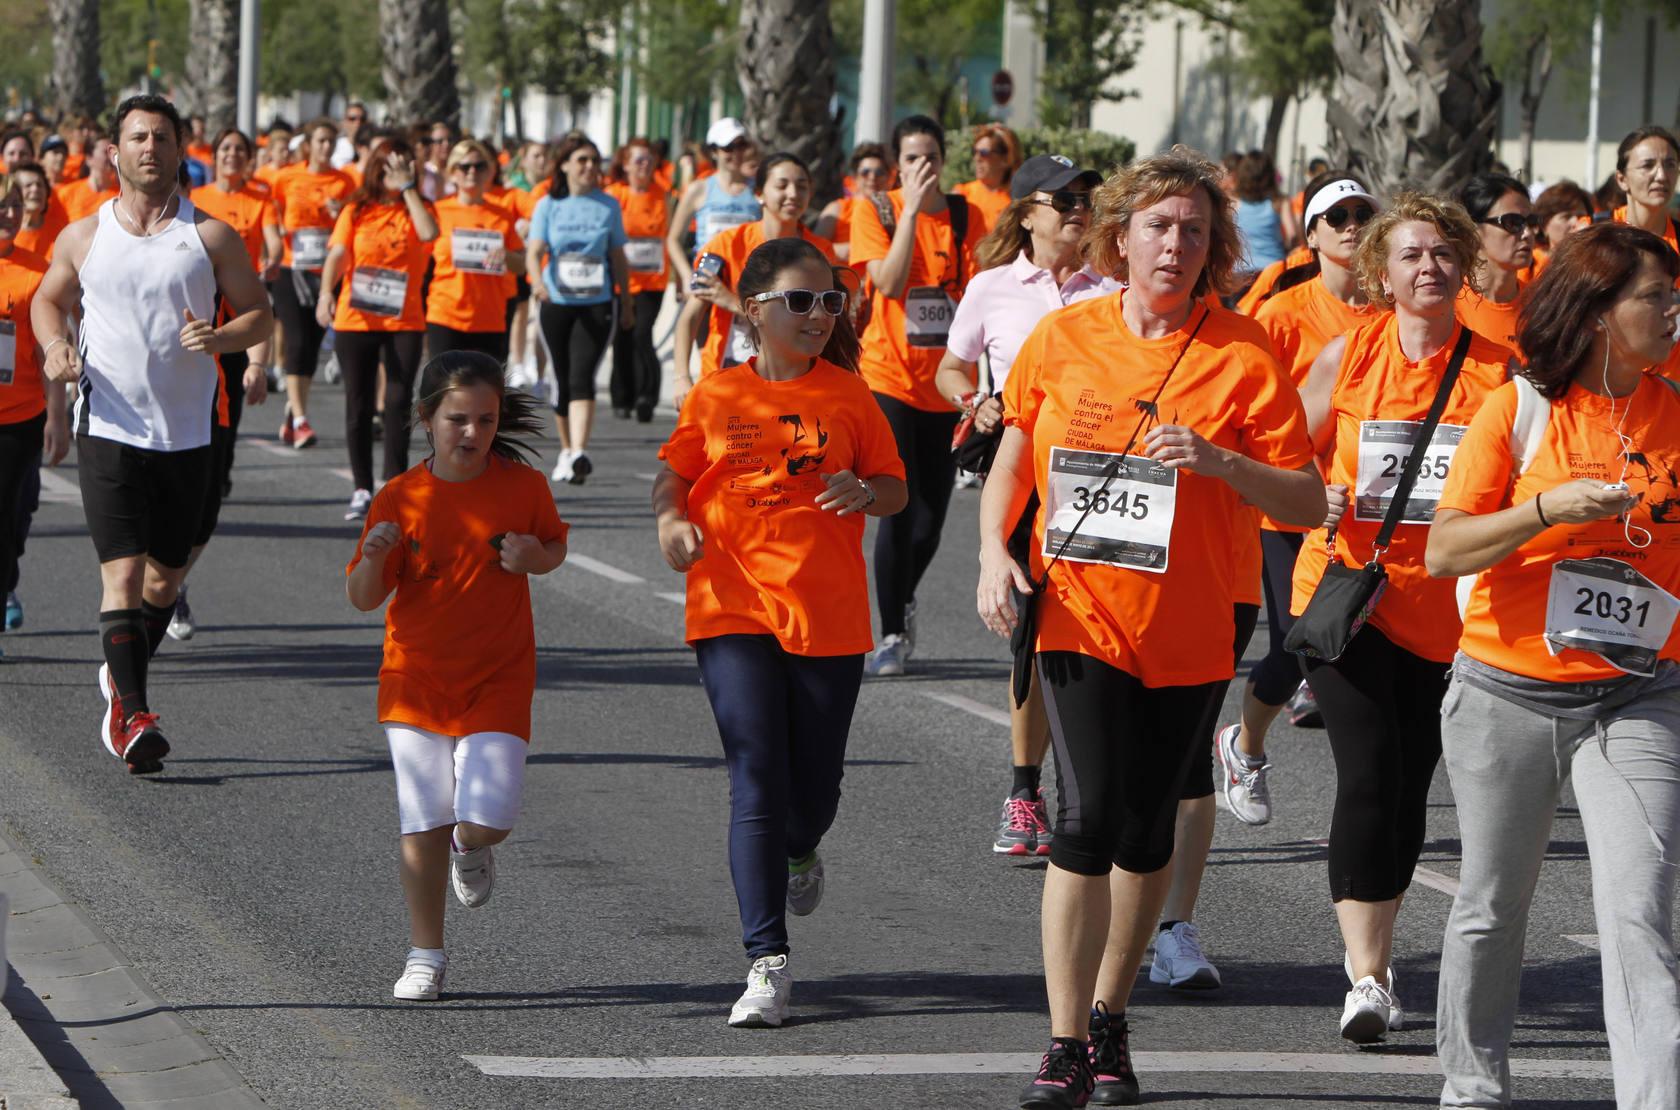 Éxito de corredoras contra el cáncer